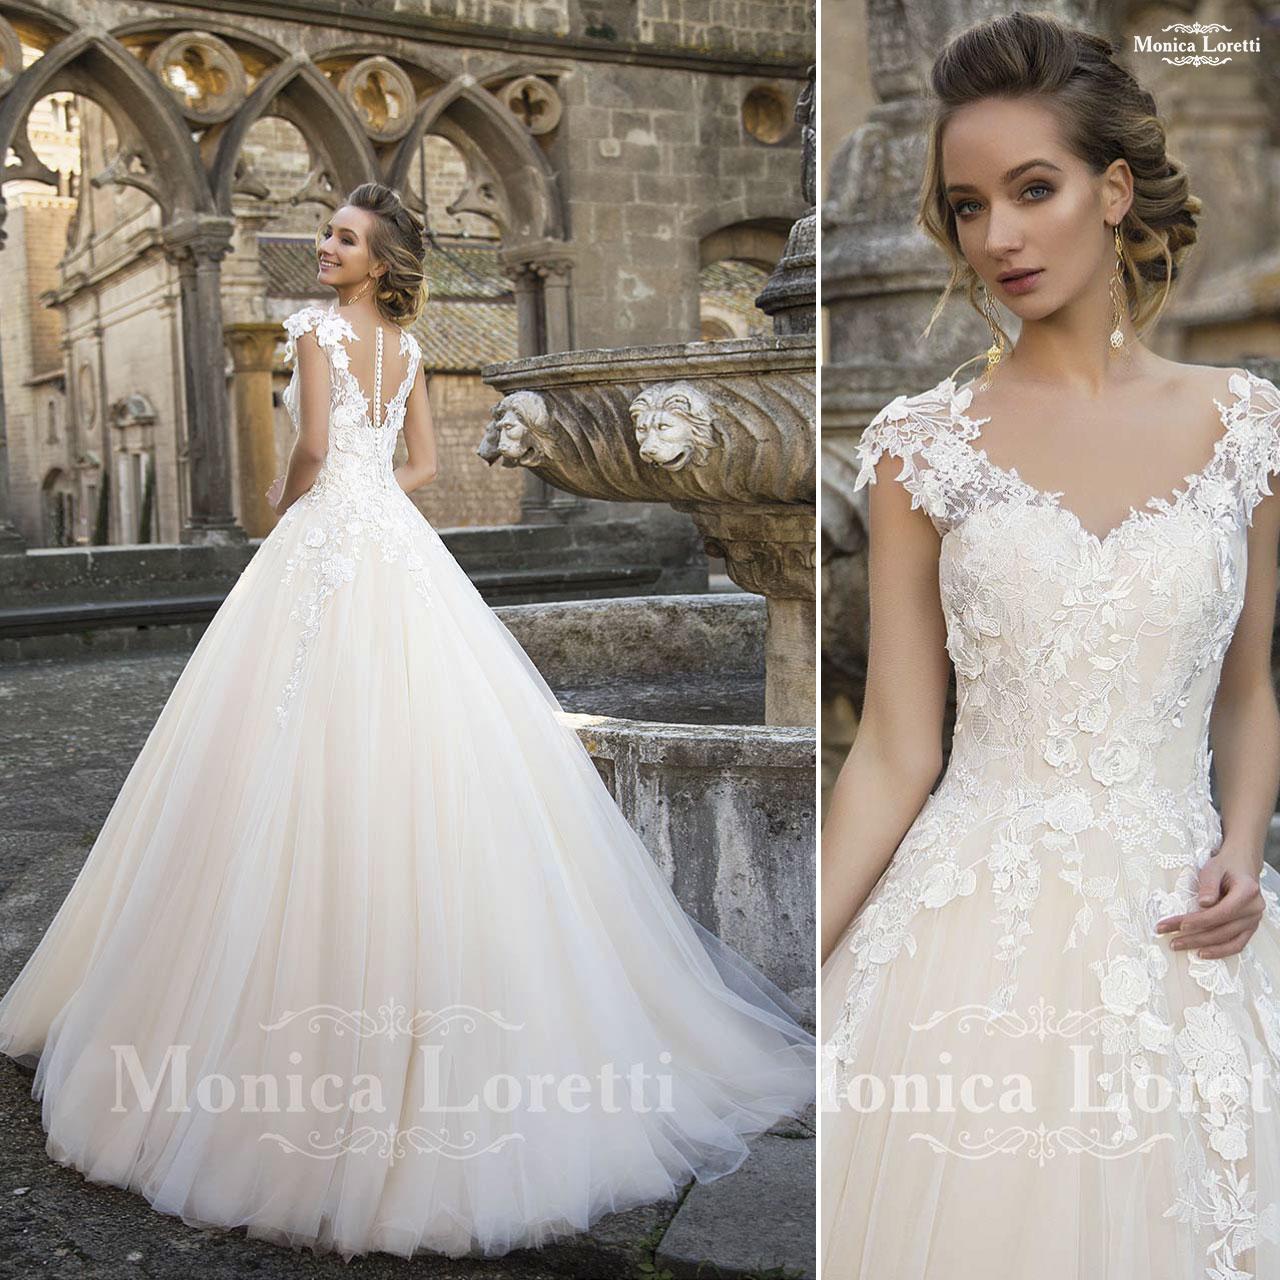 ... bianco articolo Nika Monica Loretti Abito da sposa da principessa in pizzo  articolo Nilka Monica Loretti ... ee0ac8c8ba7